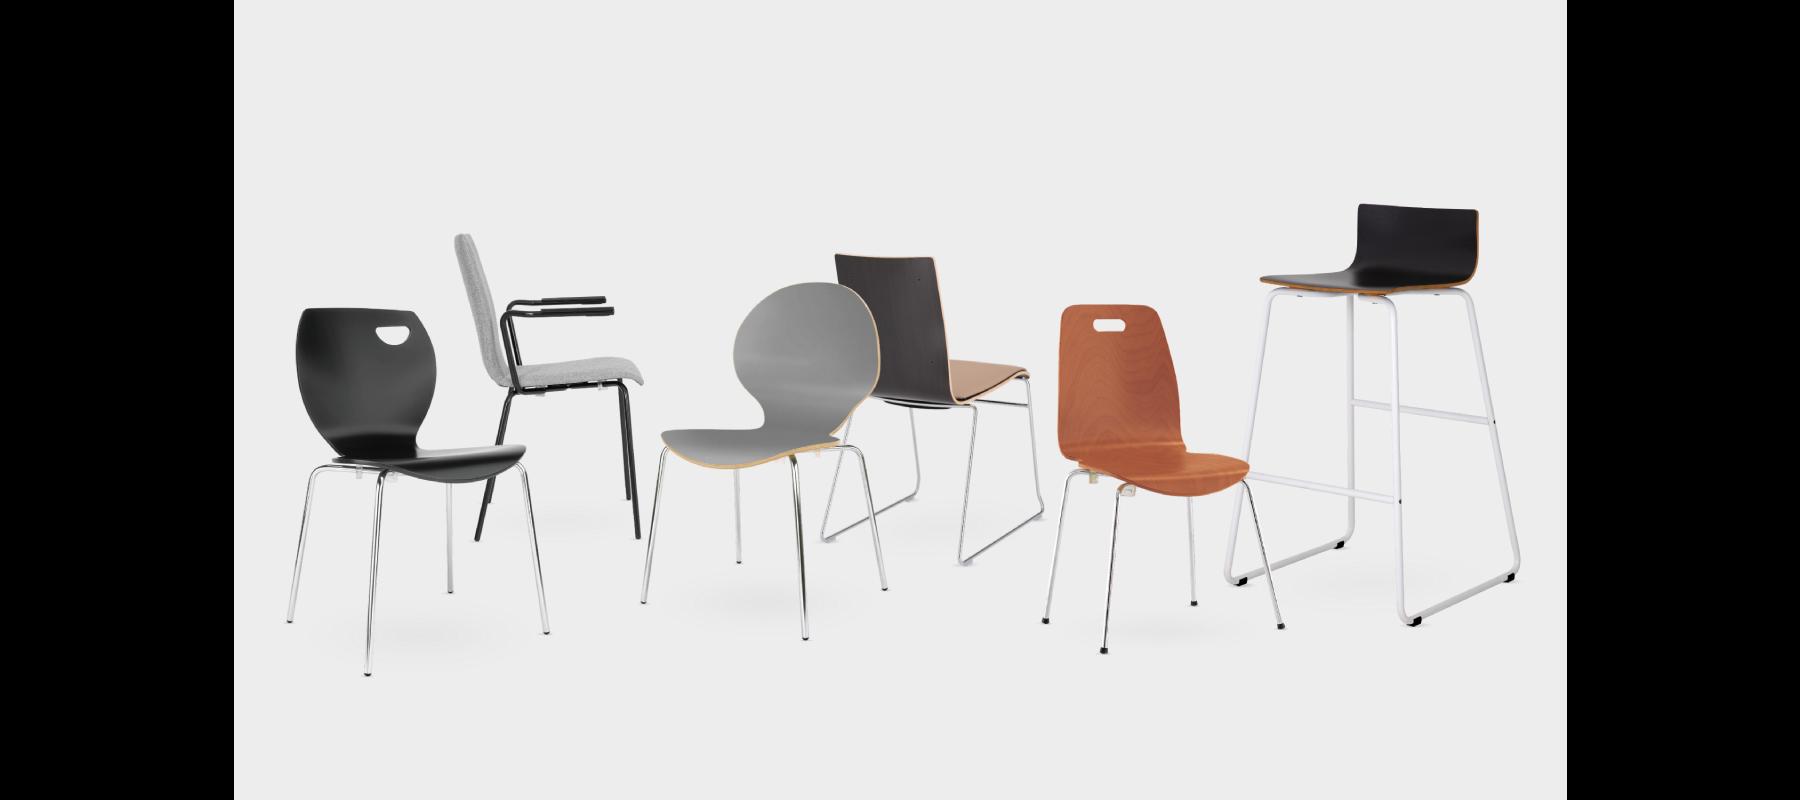 krzesła stacjonarne cafe aranżacje - 04